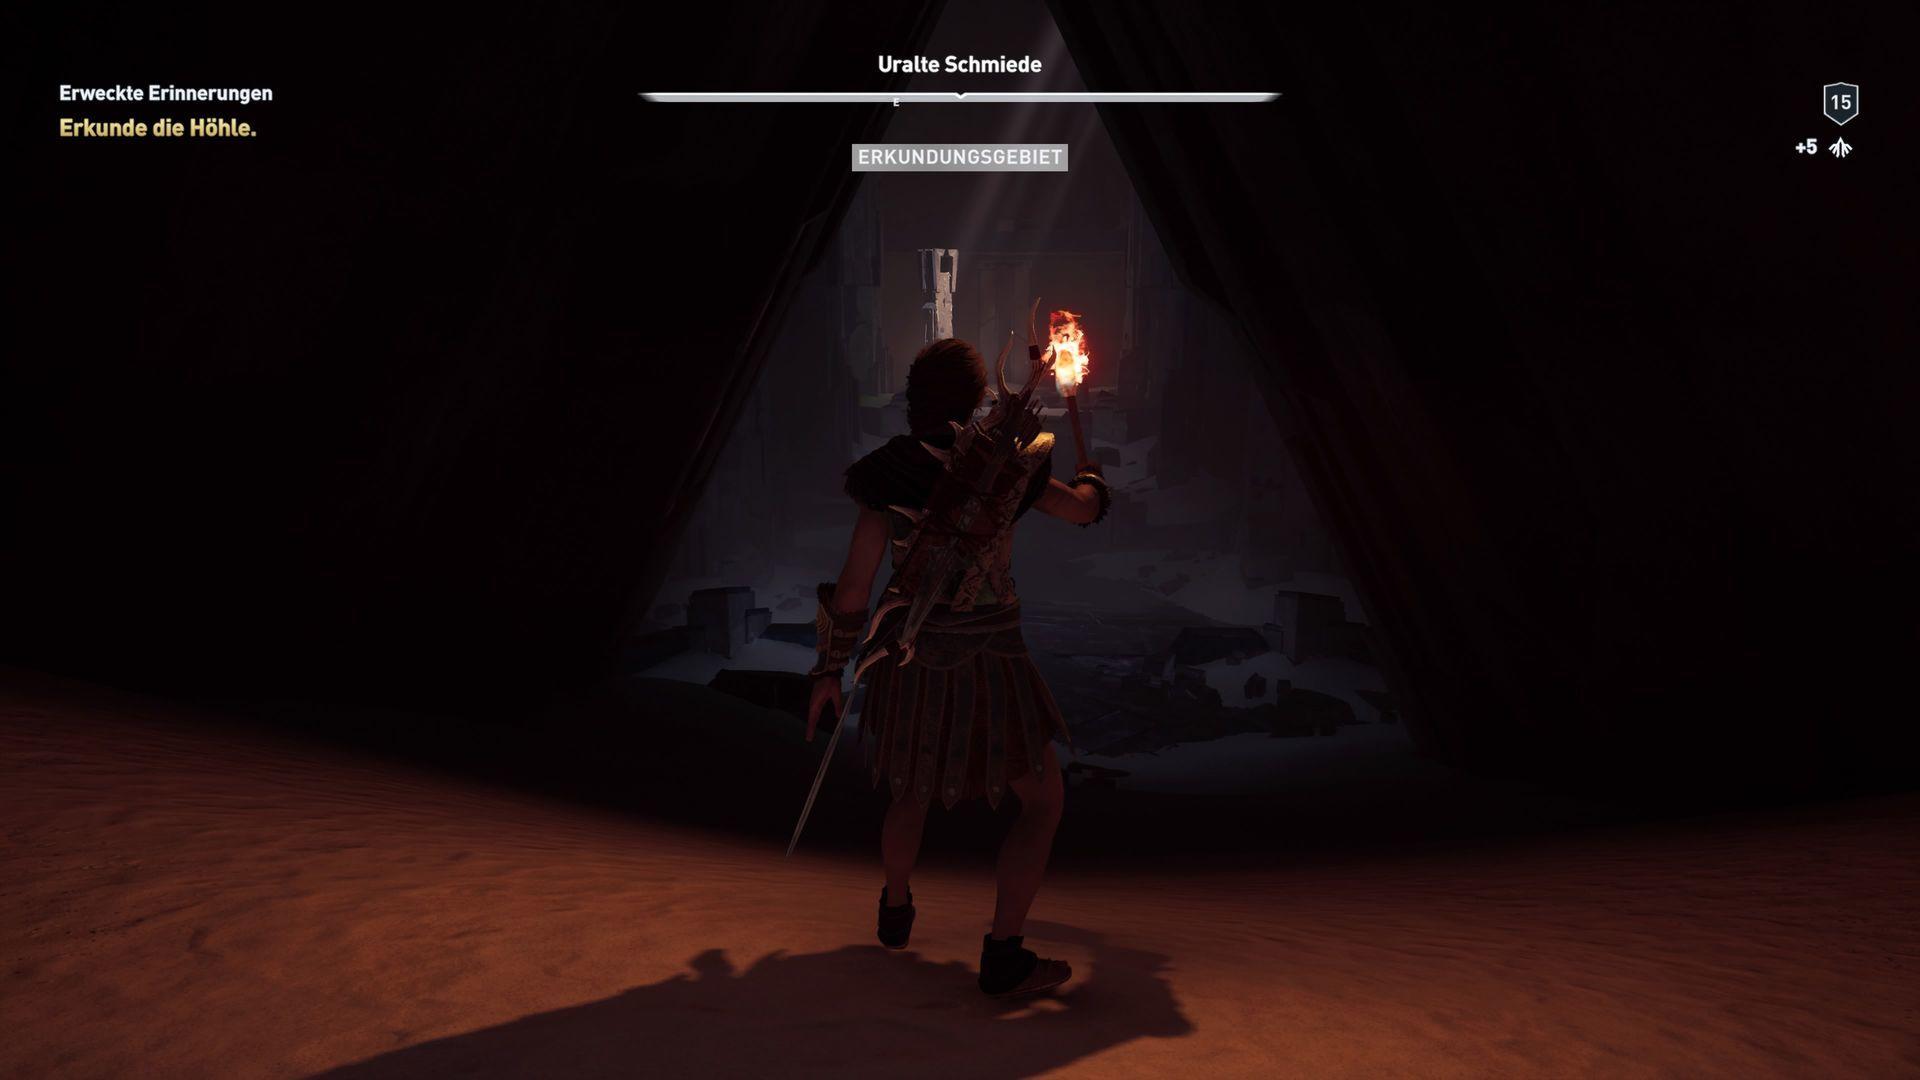 Odyssey tiefen der schmiede Ac